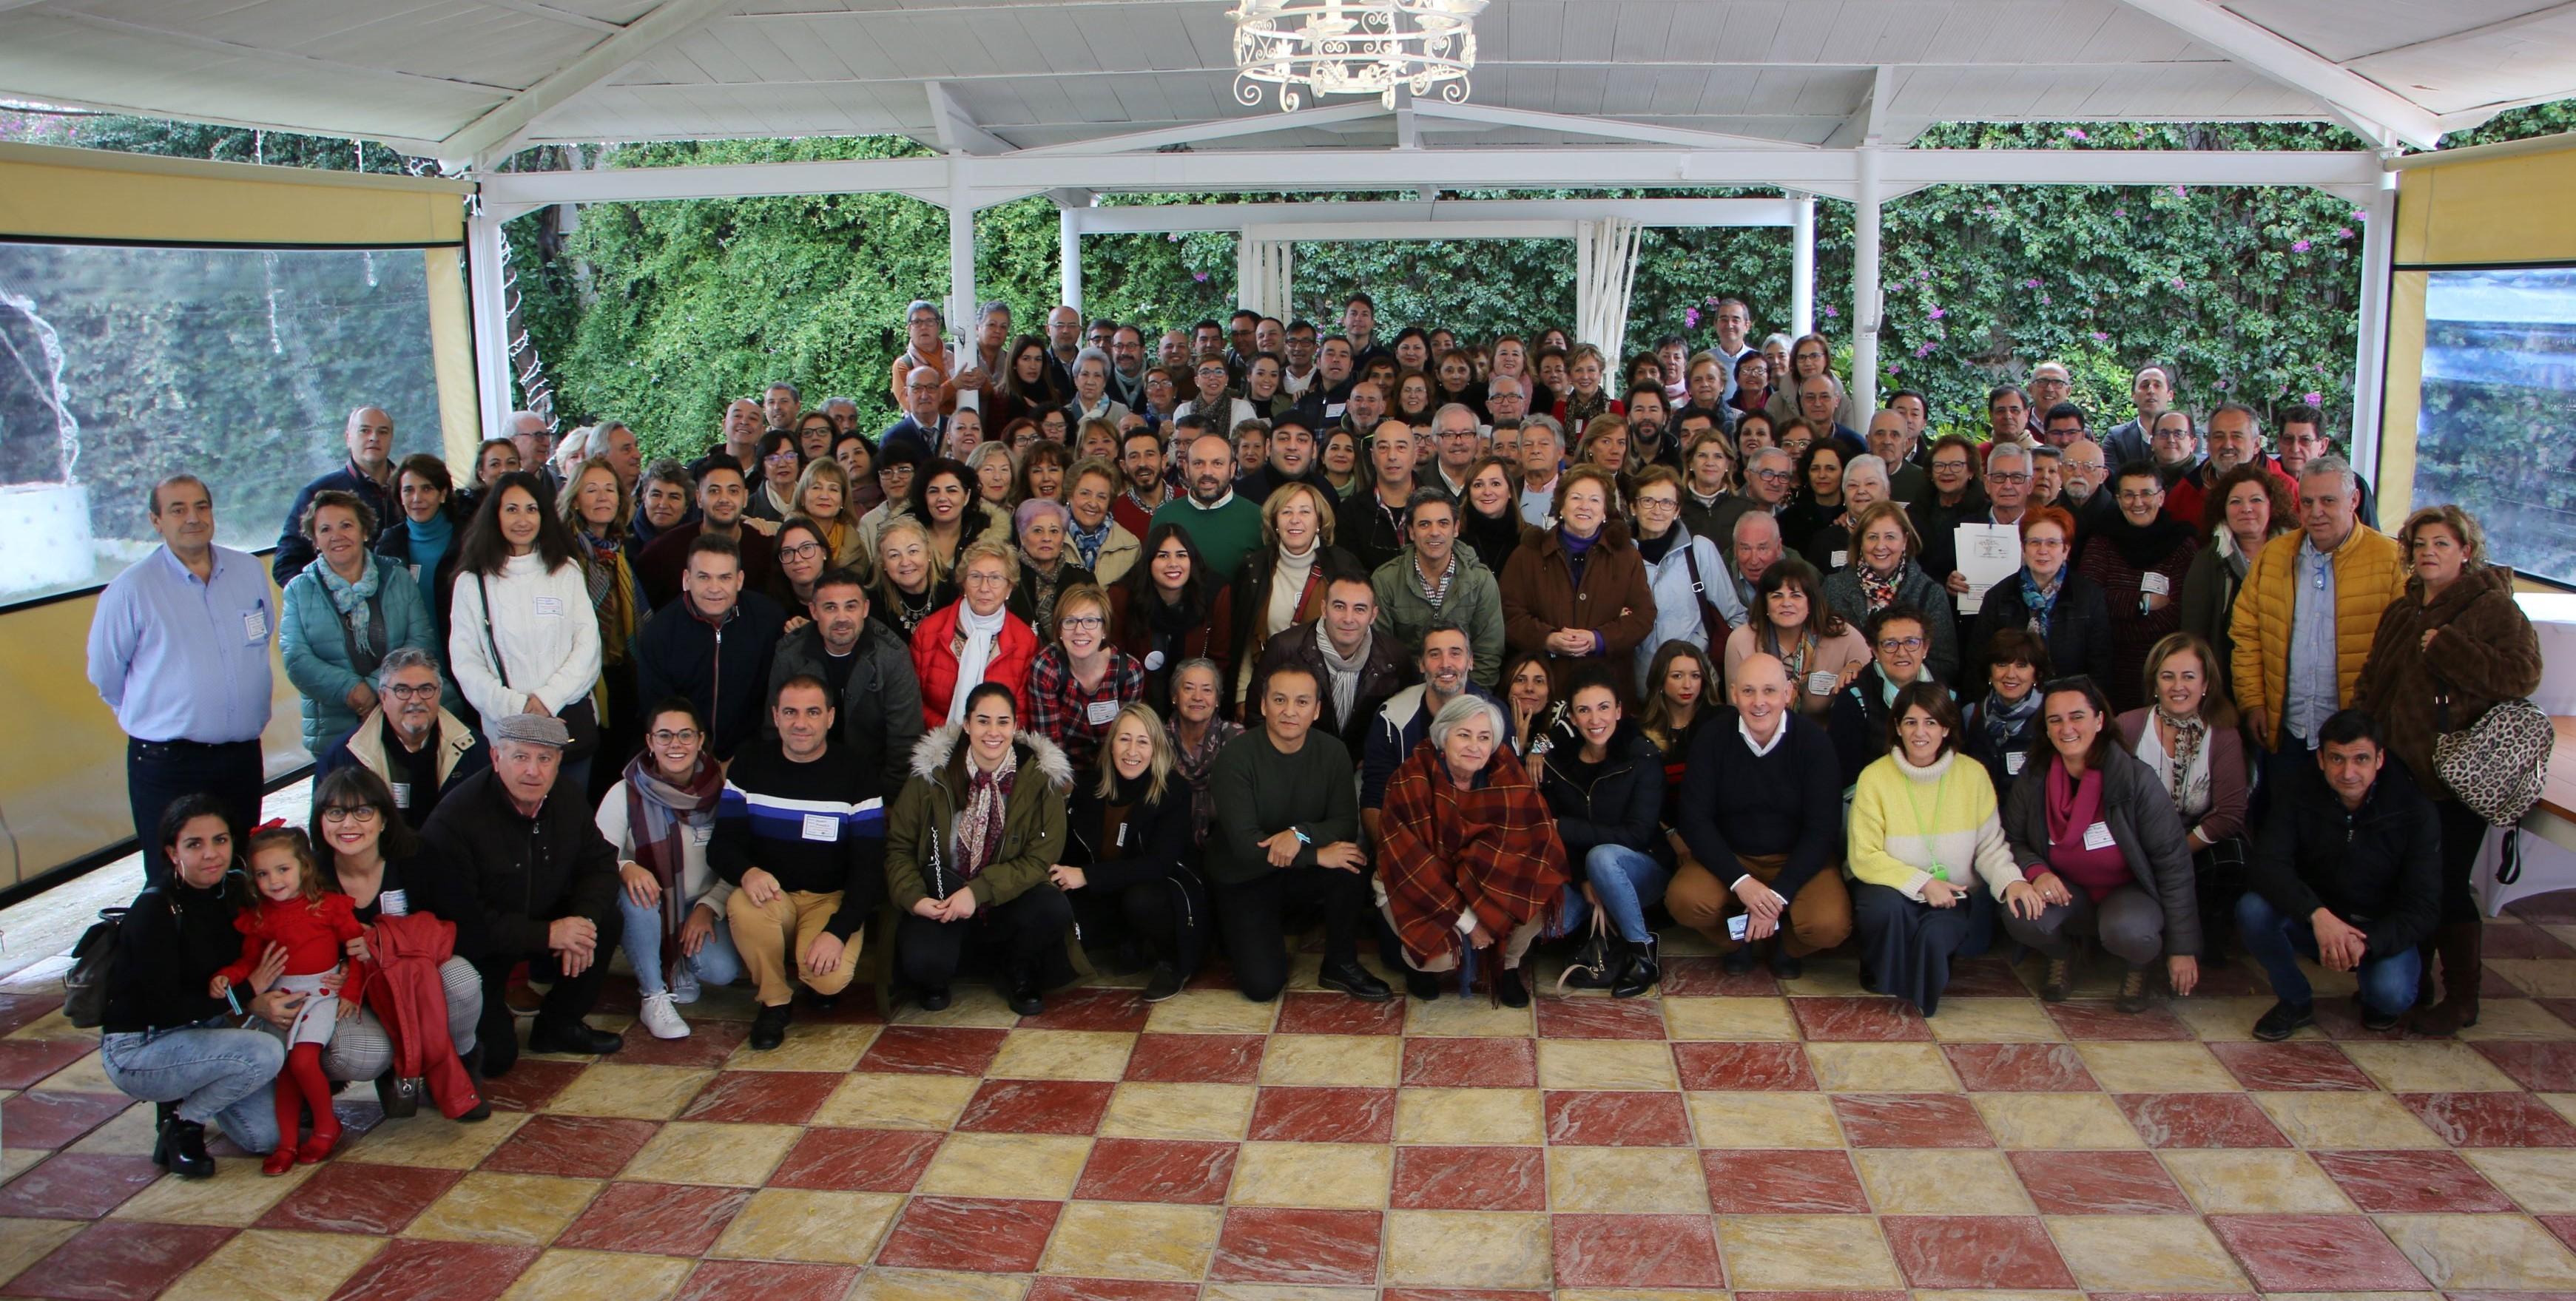 Casi 200 voluntarios de toda Andalucía se reúnen en un encuentro para poner en valor su papel en la atención a personas con problemas de adicciones